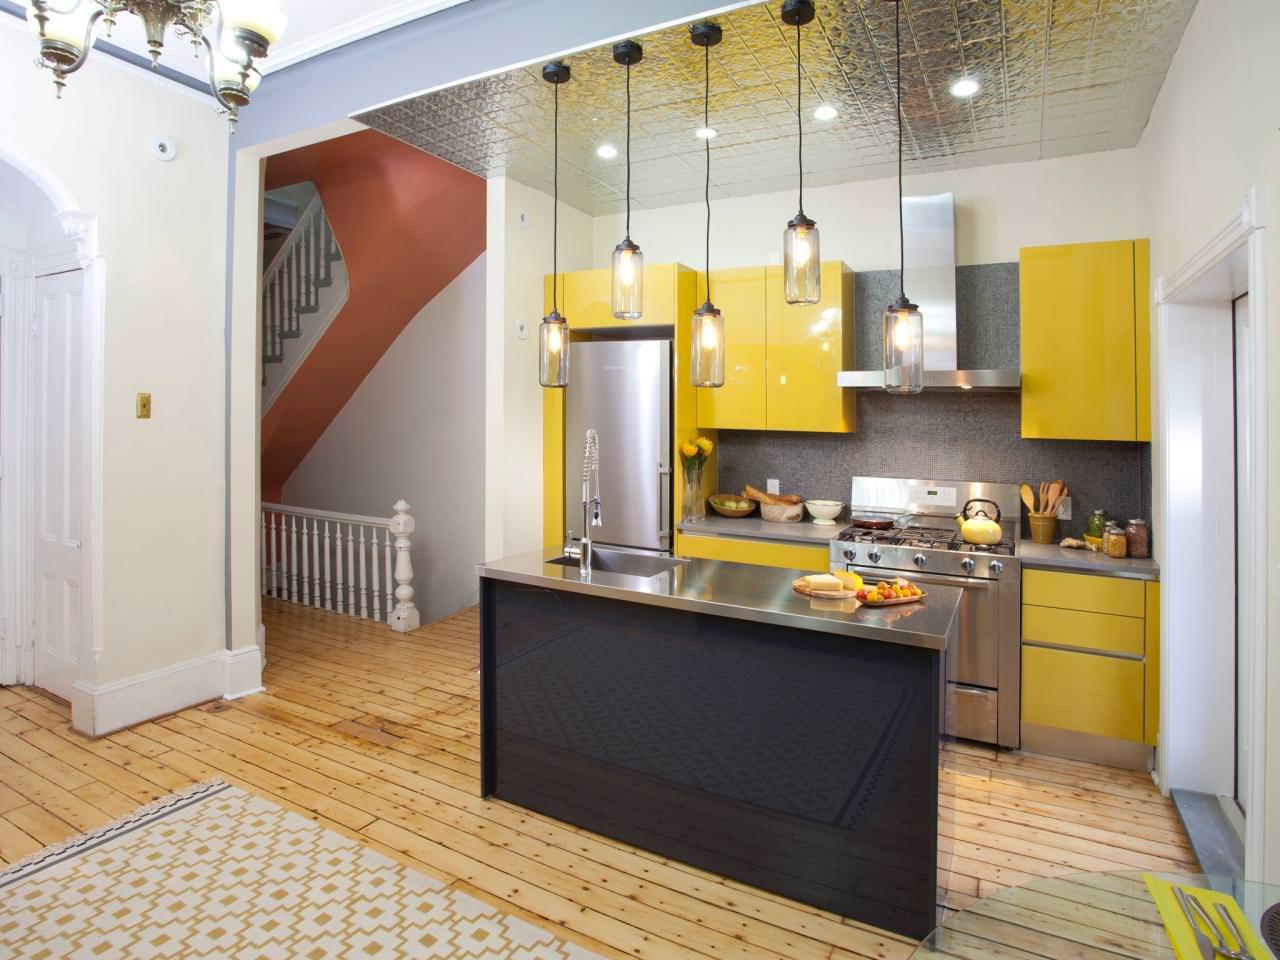 «Руфина» (1) лофт, прямая, островная, студия, желтый